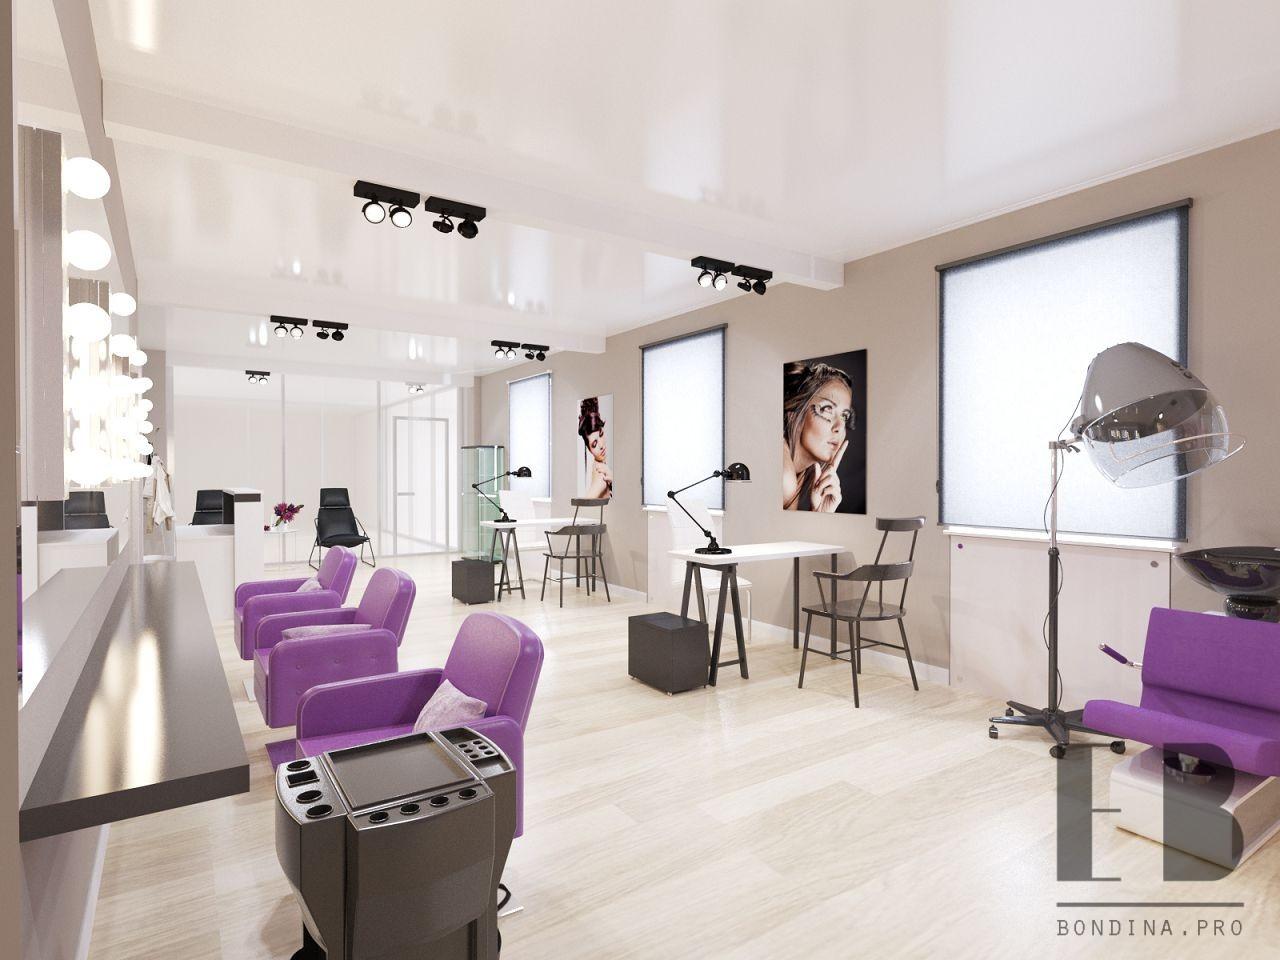 Hairdresser workplace design